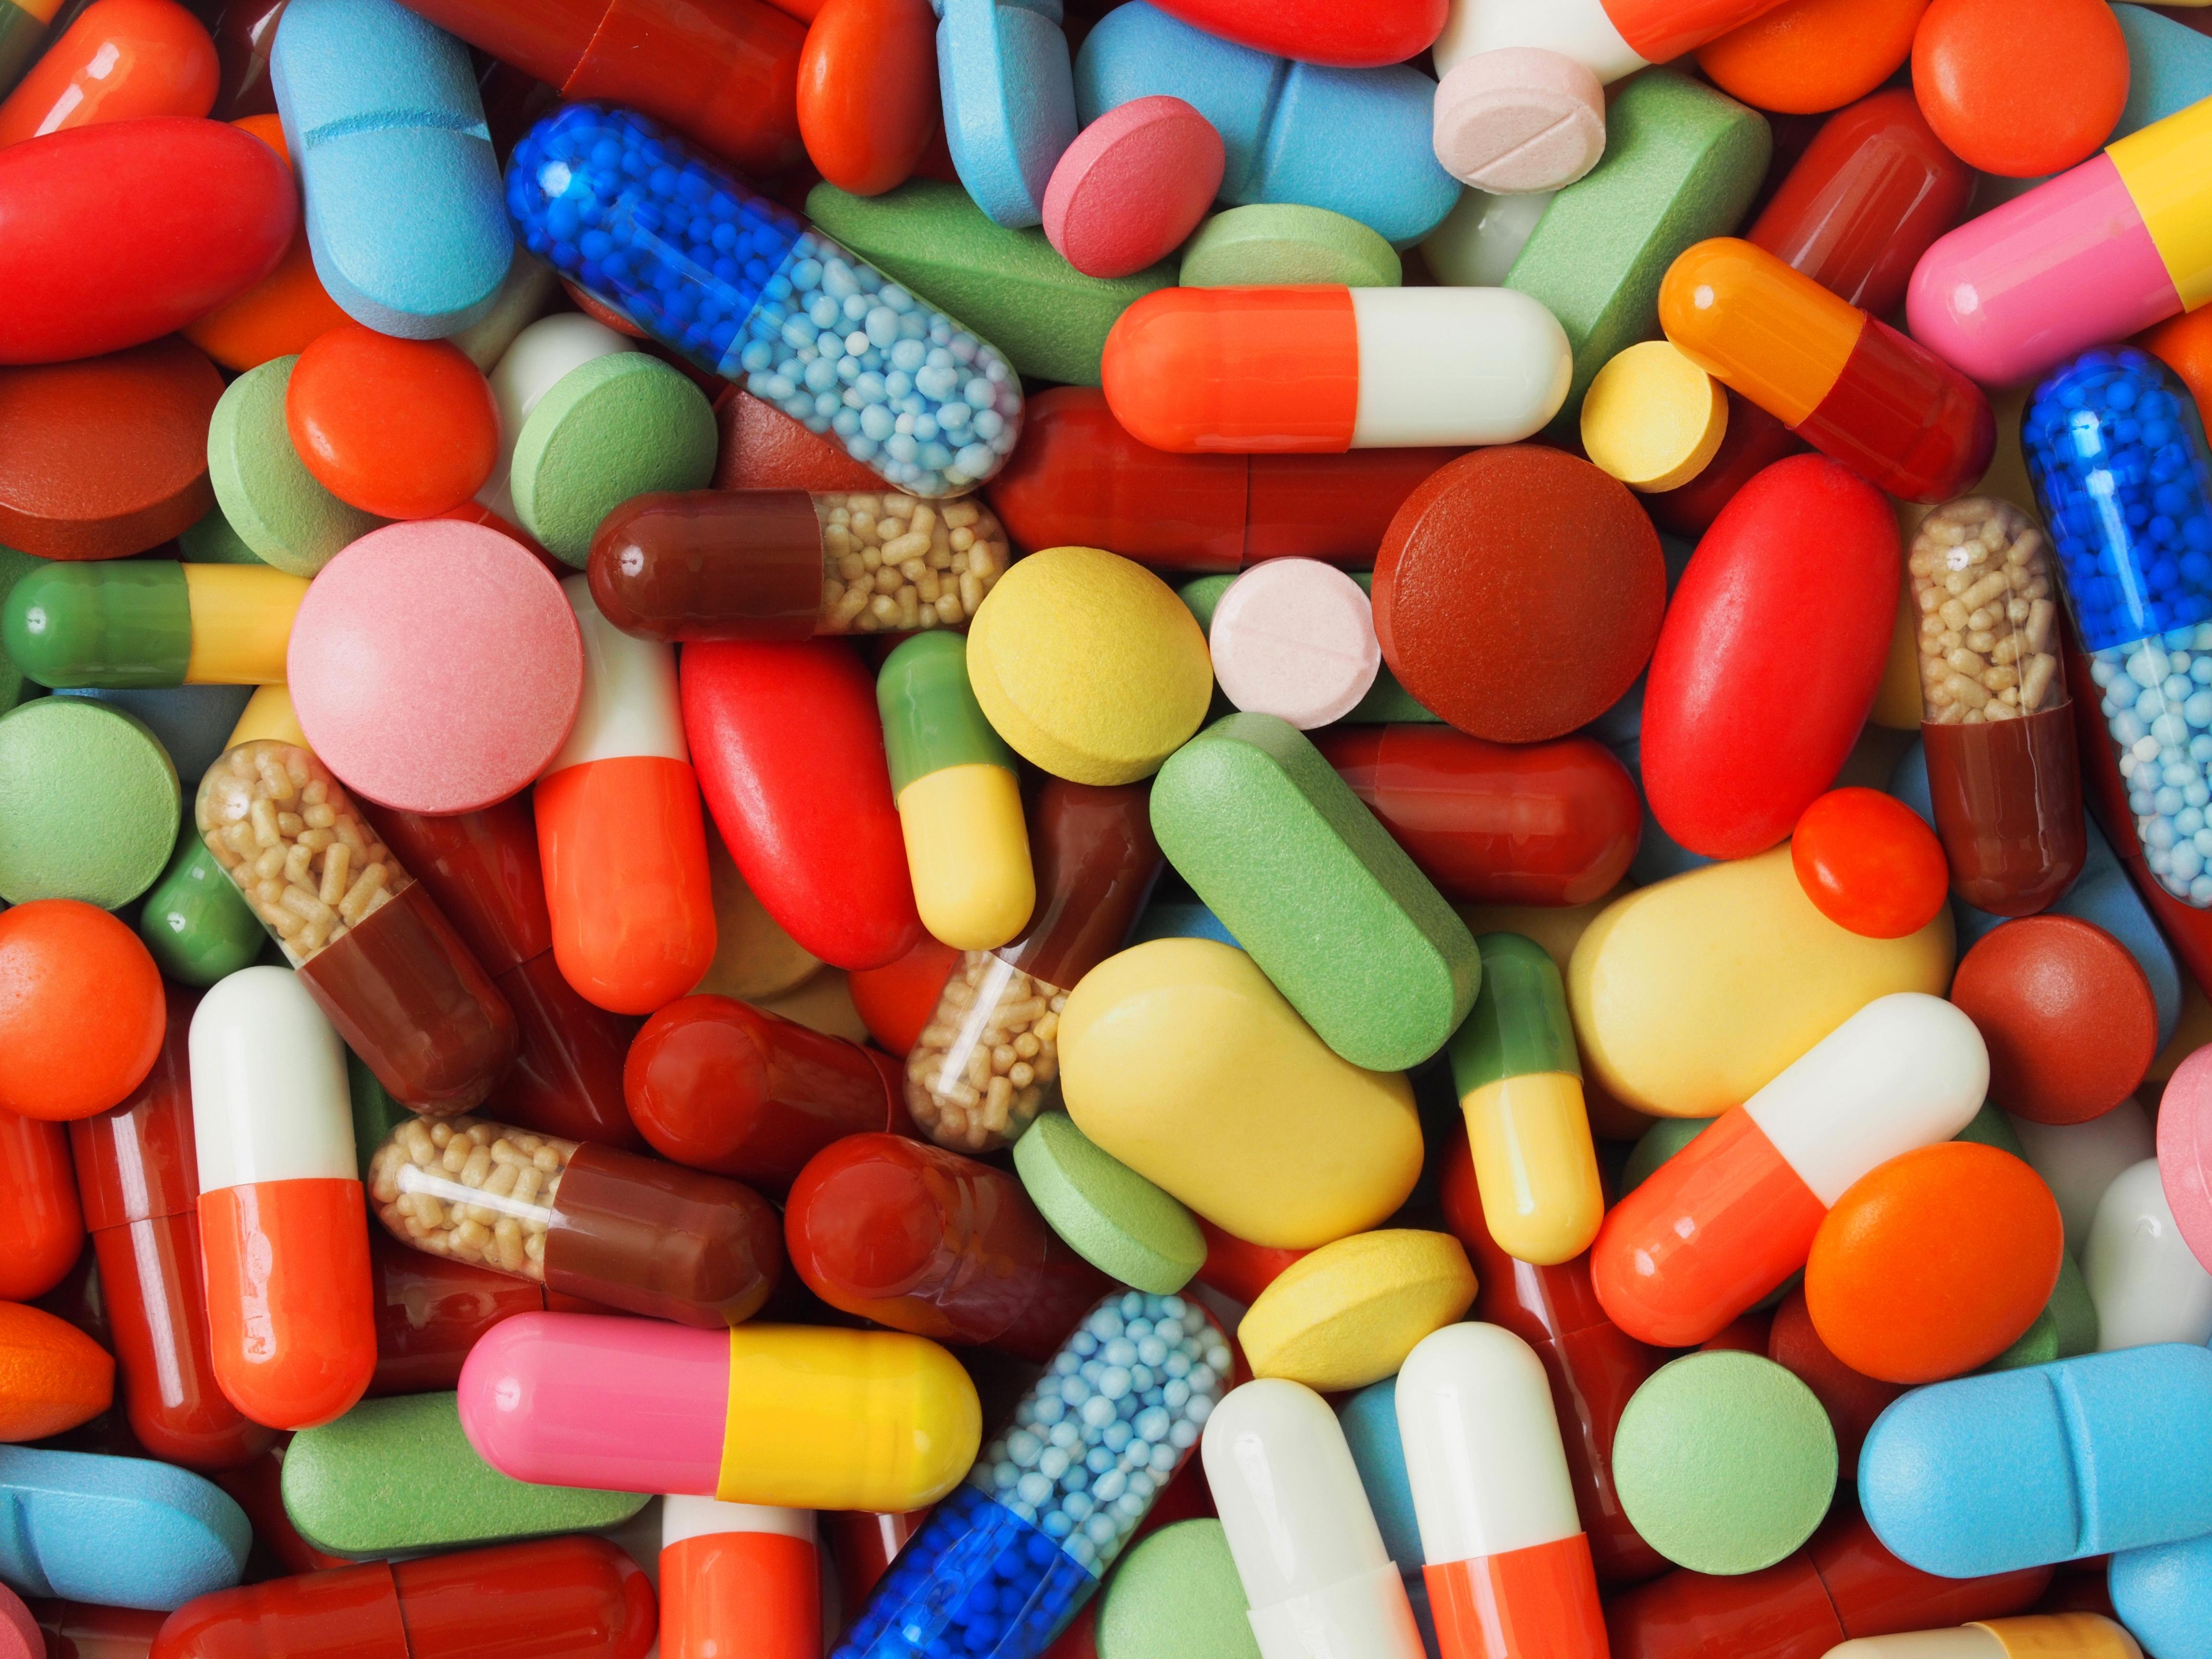 بعد شهرين من زيادة أسعار الدواء.. ارتفاع عدد الأدوية